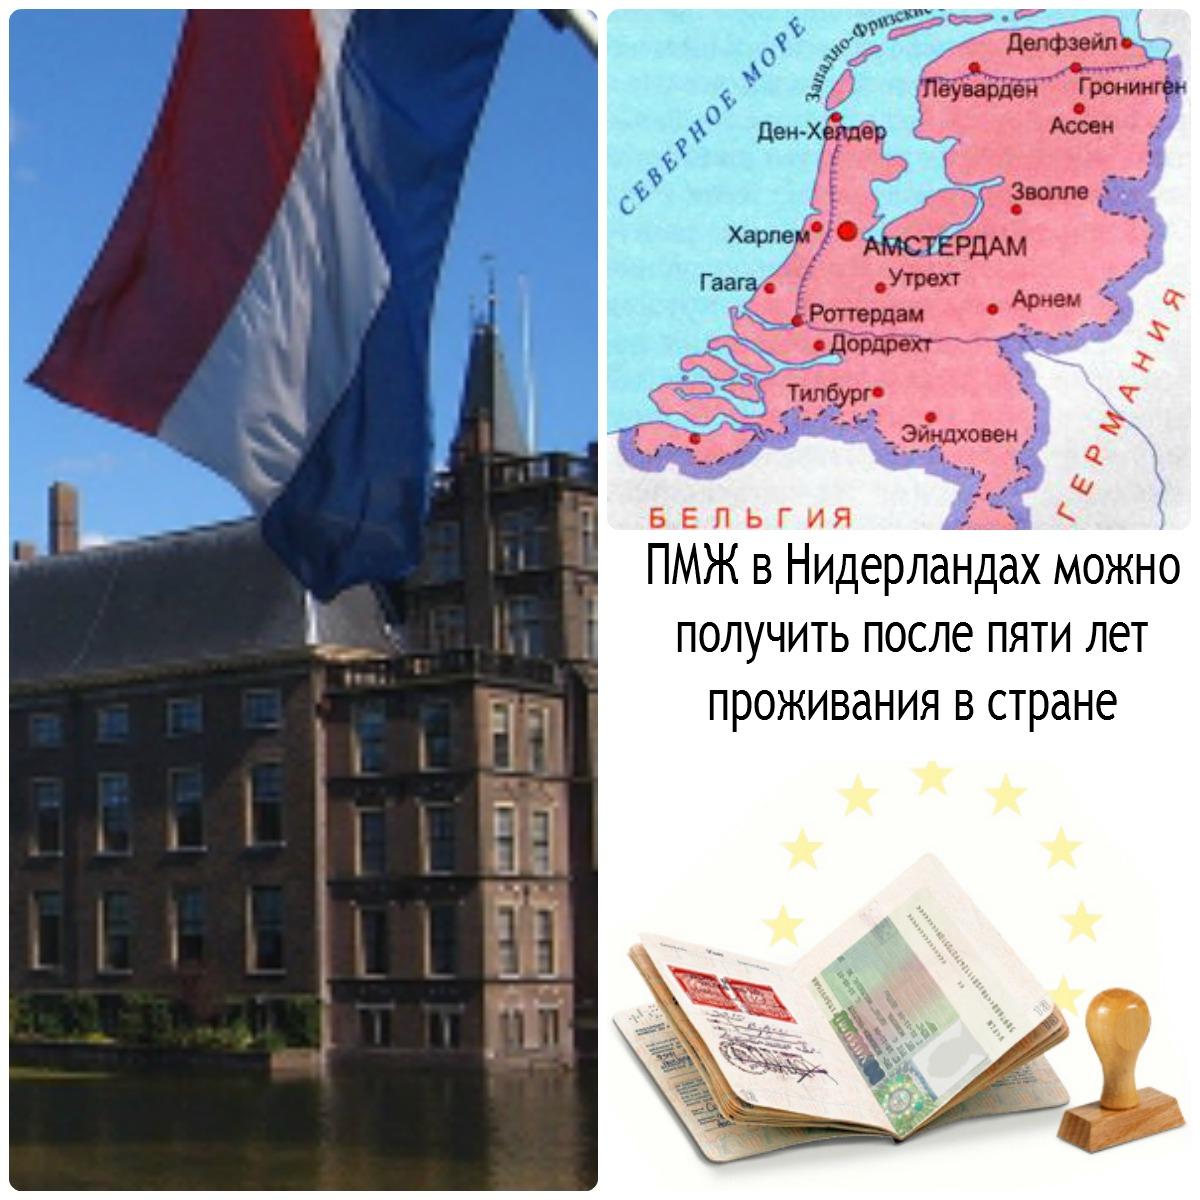 Получение ПМЖ в Нидерландах